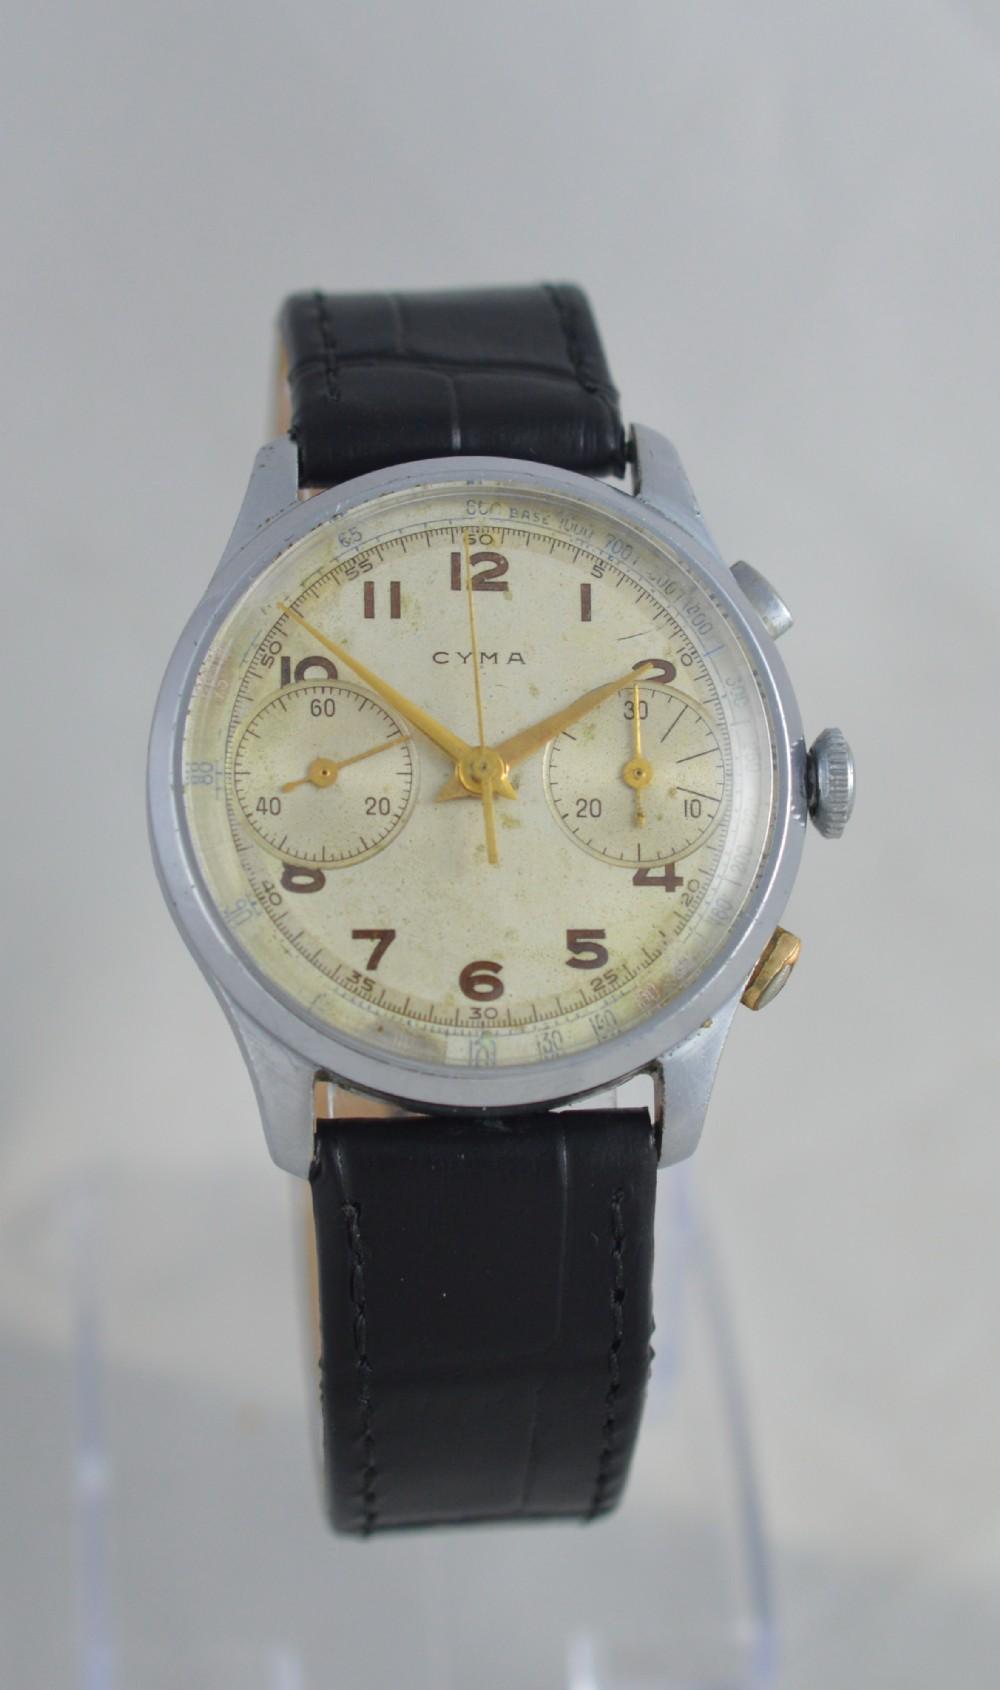 1940s cyma chronograph wristwatch